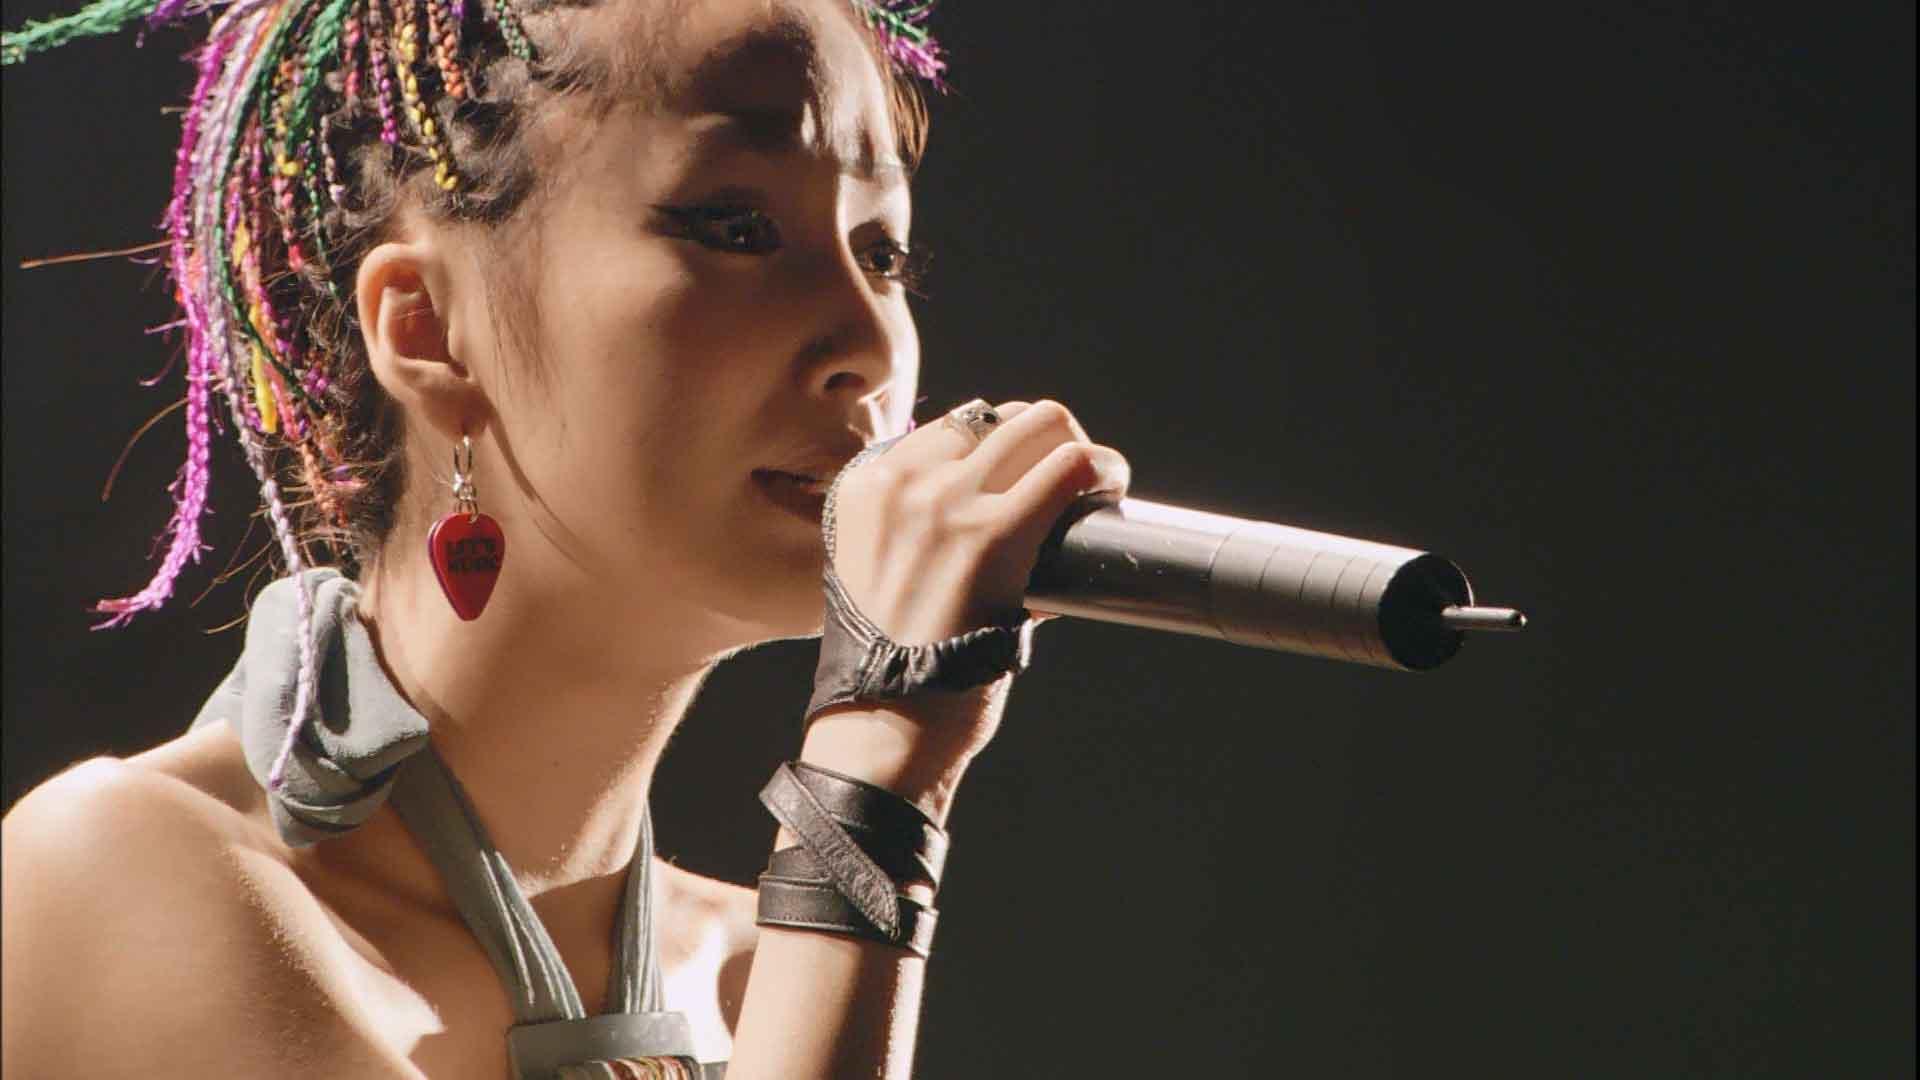 [蓝光原盘] 中岛美嘉 2005 经典演唱会Mika Nakashima LET'S MUSIC TOUR 2005《BDMV 38.49G》